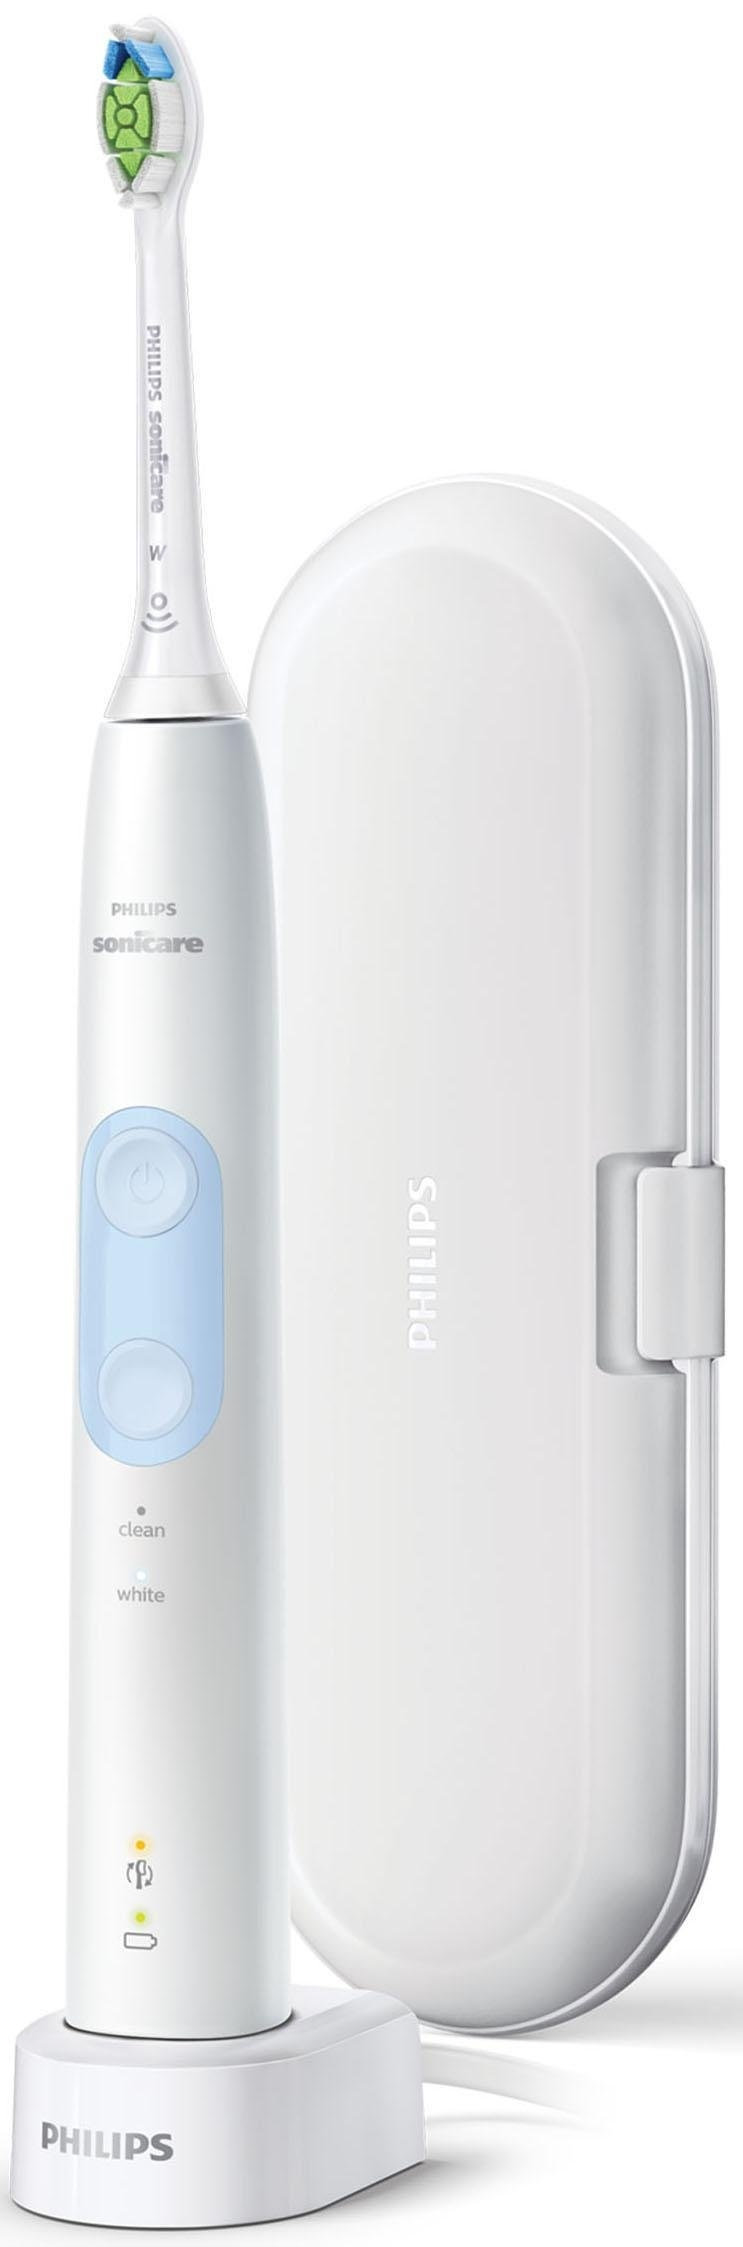 Philips Sonicare elektrische tandenborstel HX6839/28, 1 opzetborsteltje voordelig en veilig online kopen